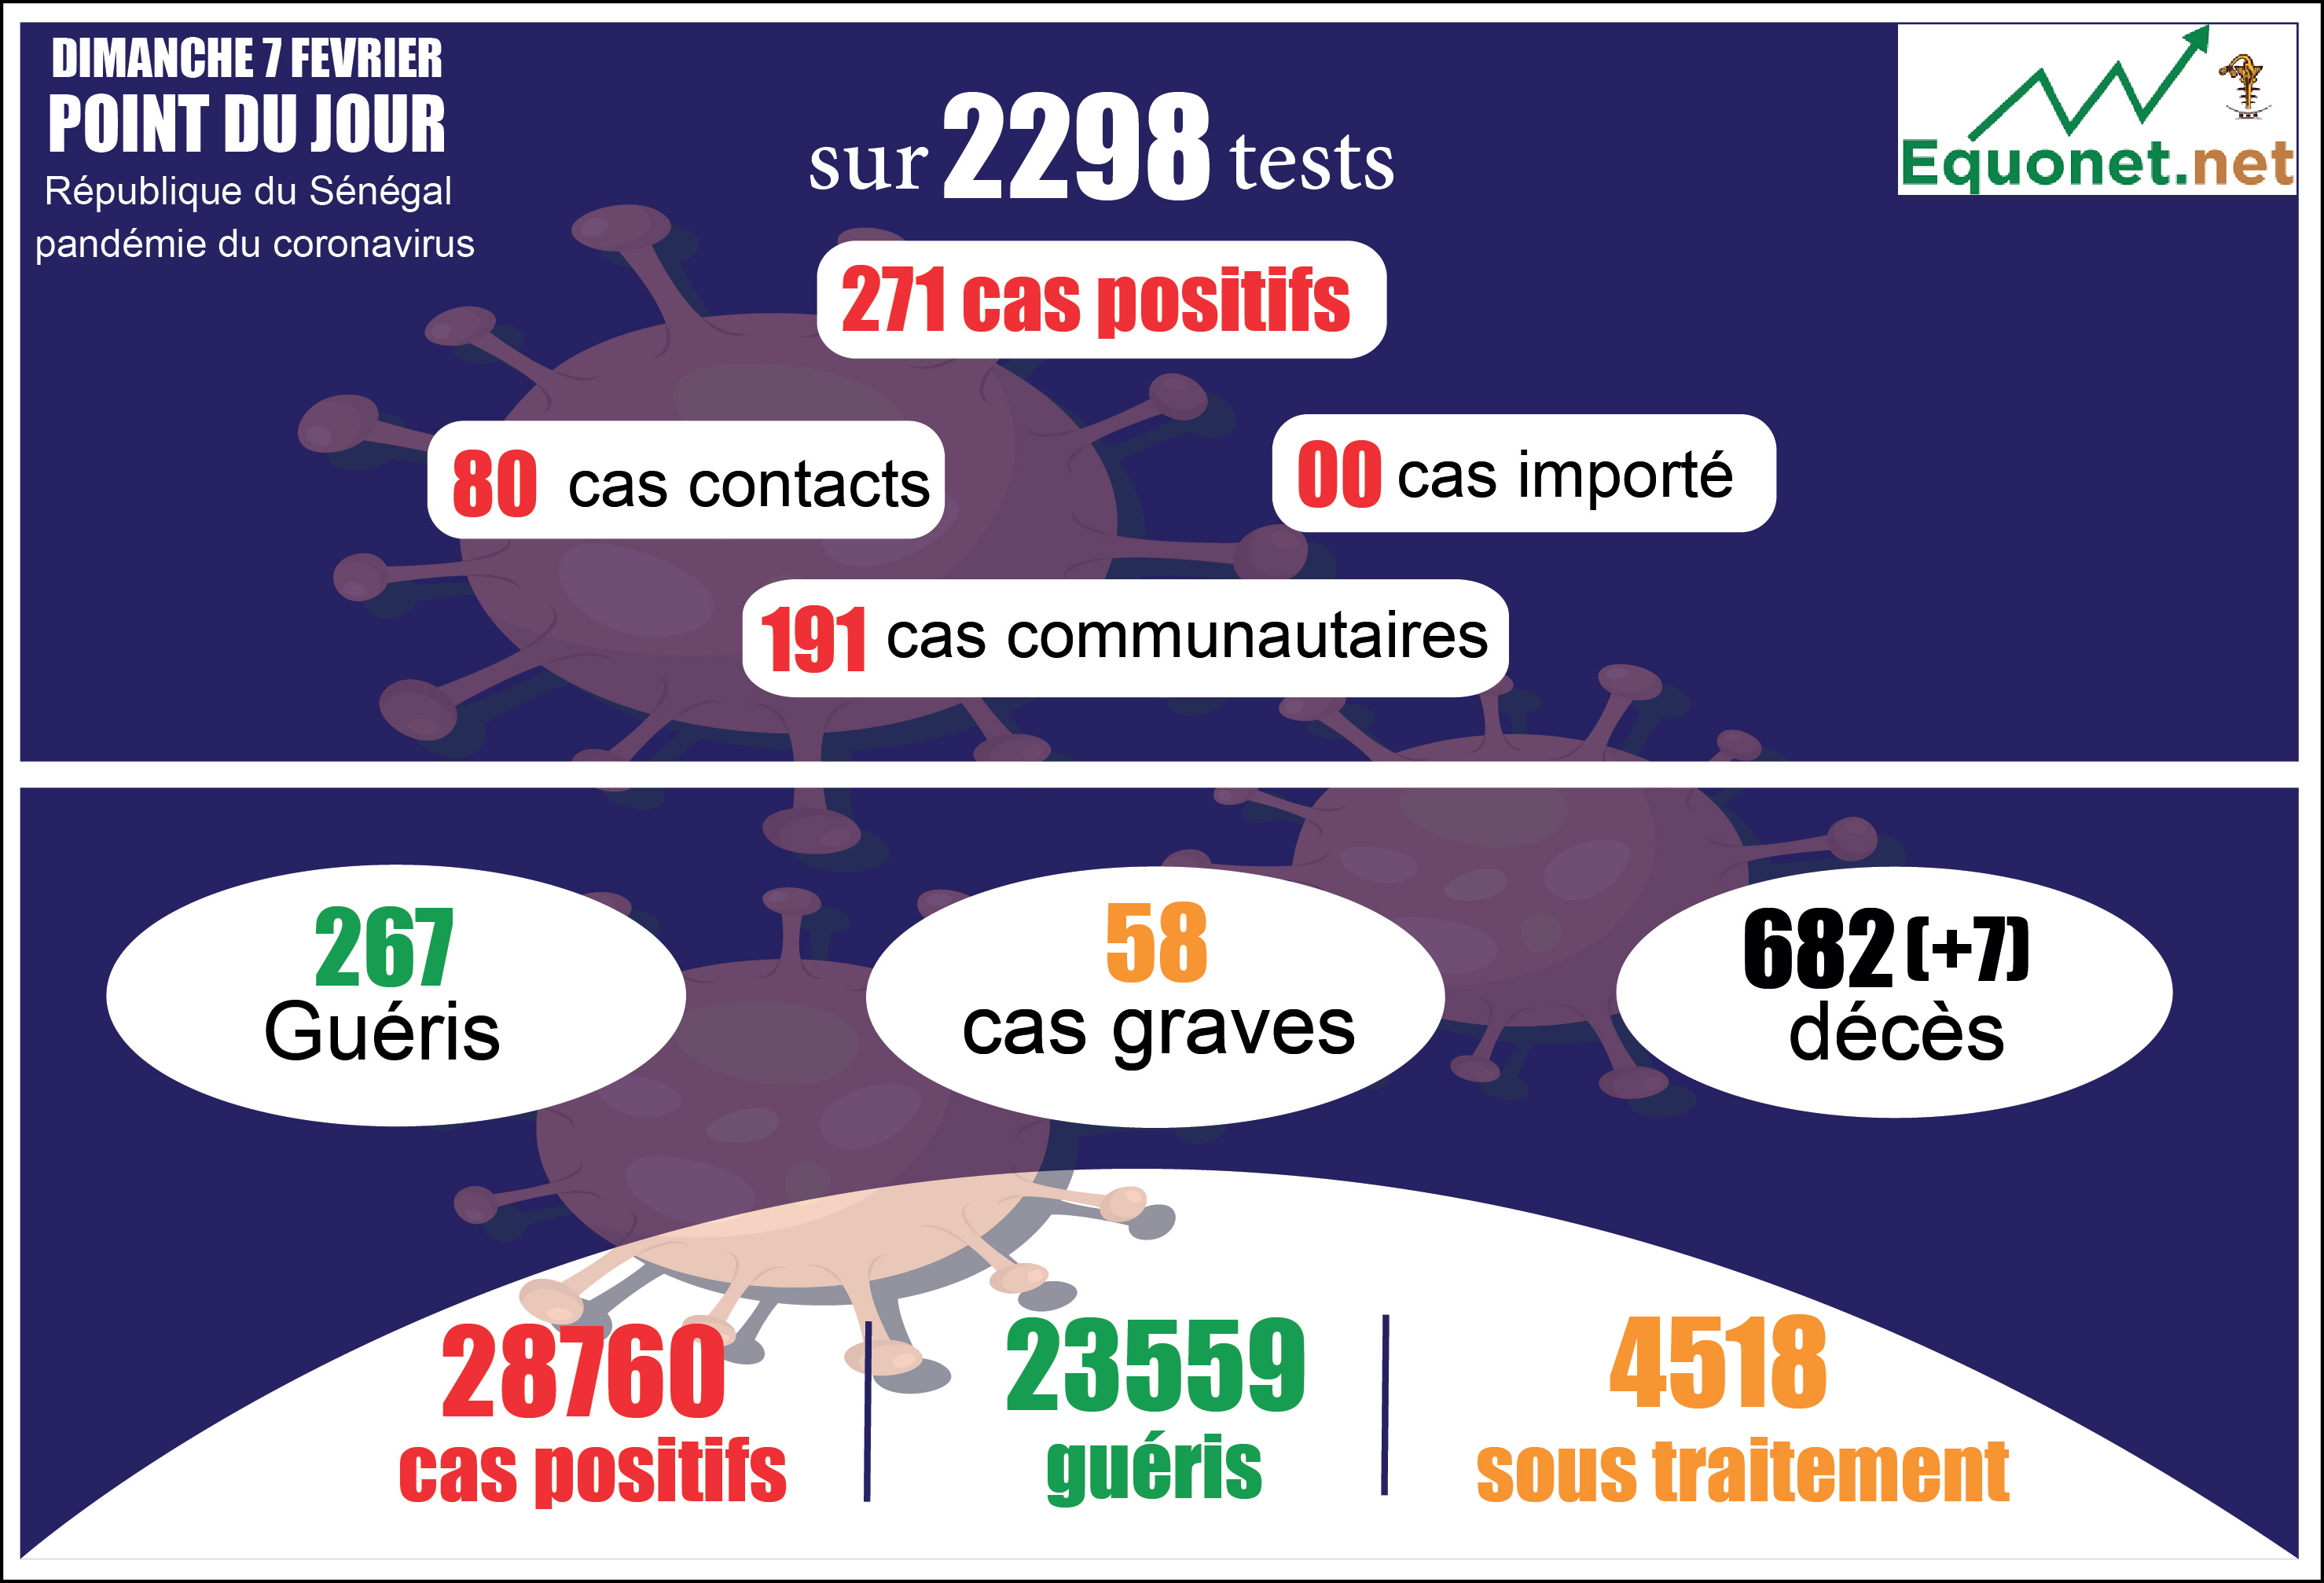 pandémie du coronavirus-covid-19 au sénégal : 191 cas communautaires et 7 décès enregistrés ce dimanche 7 février 2021